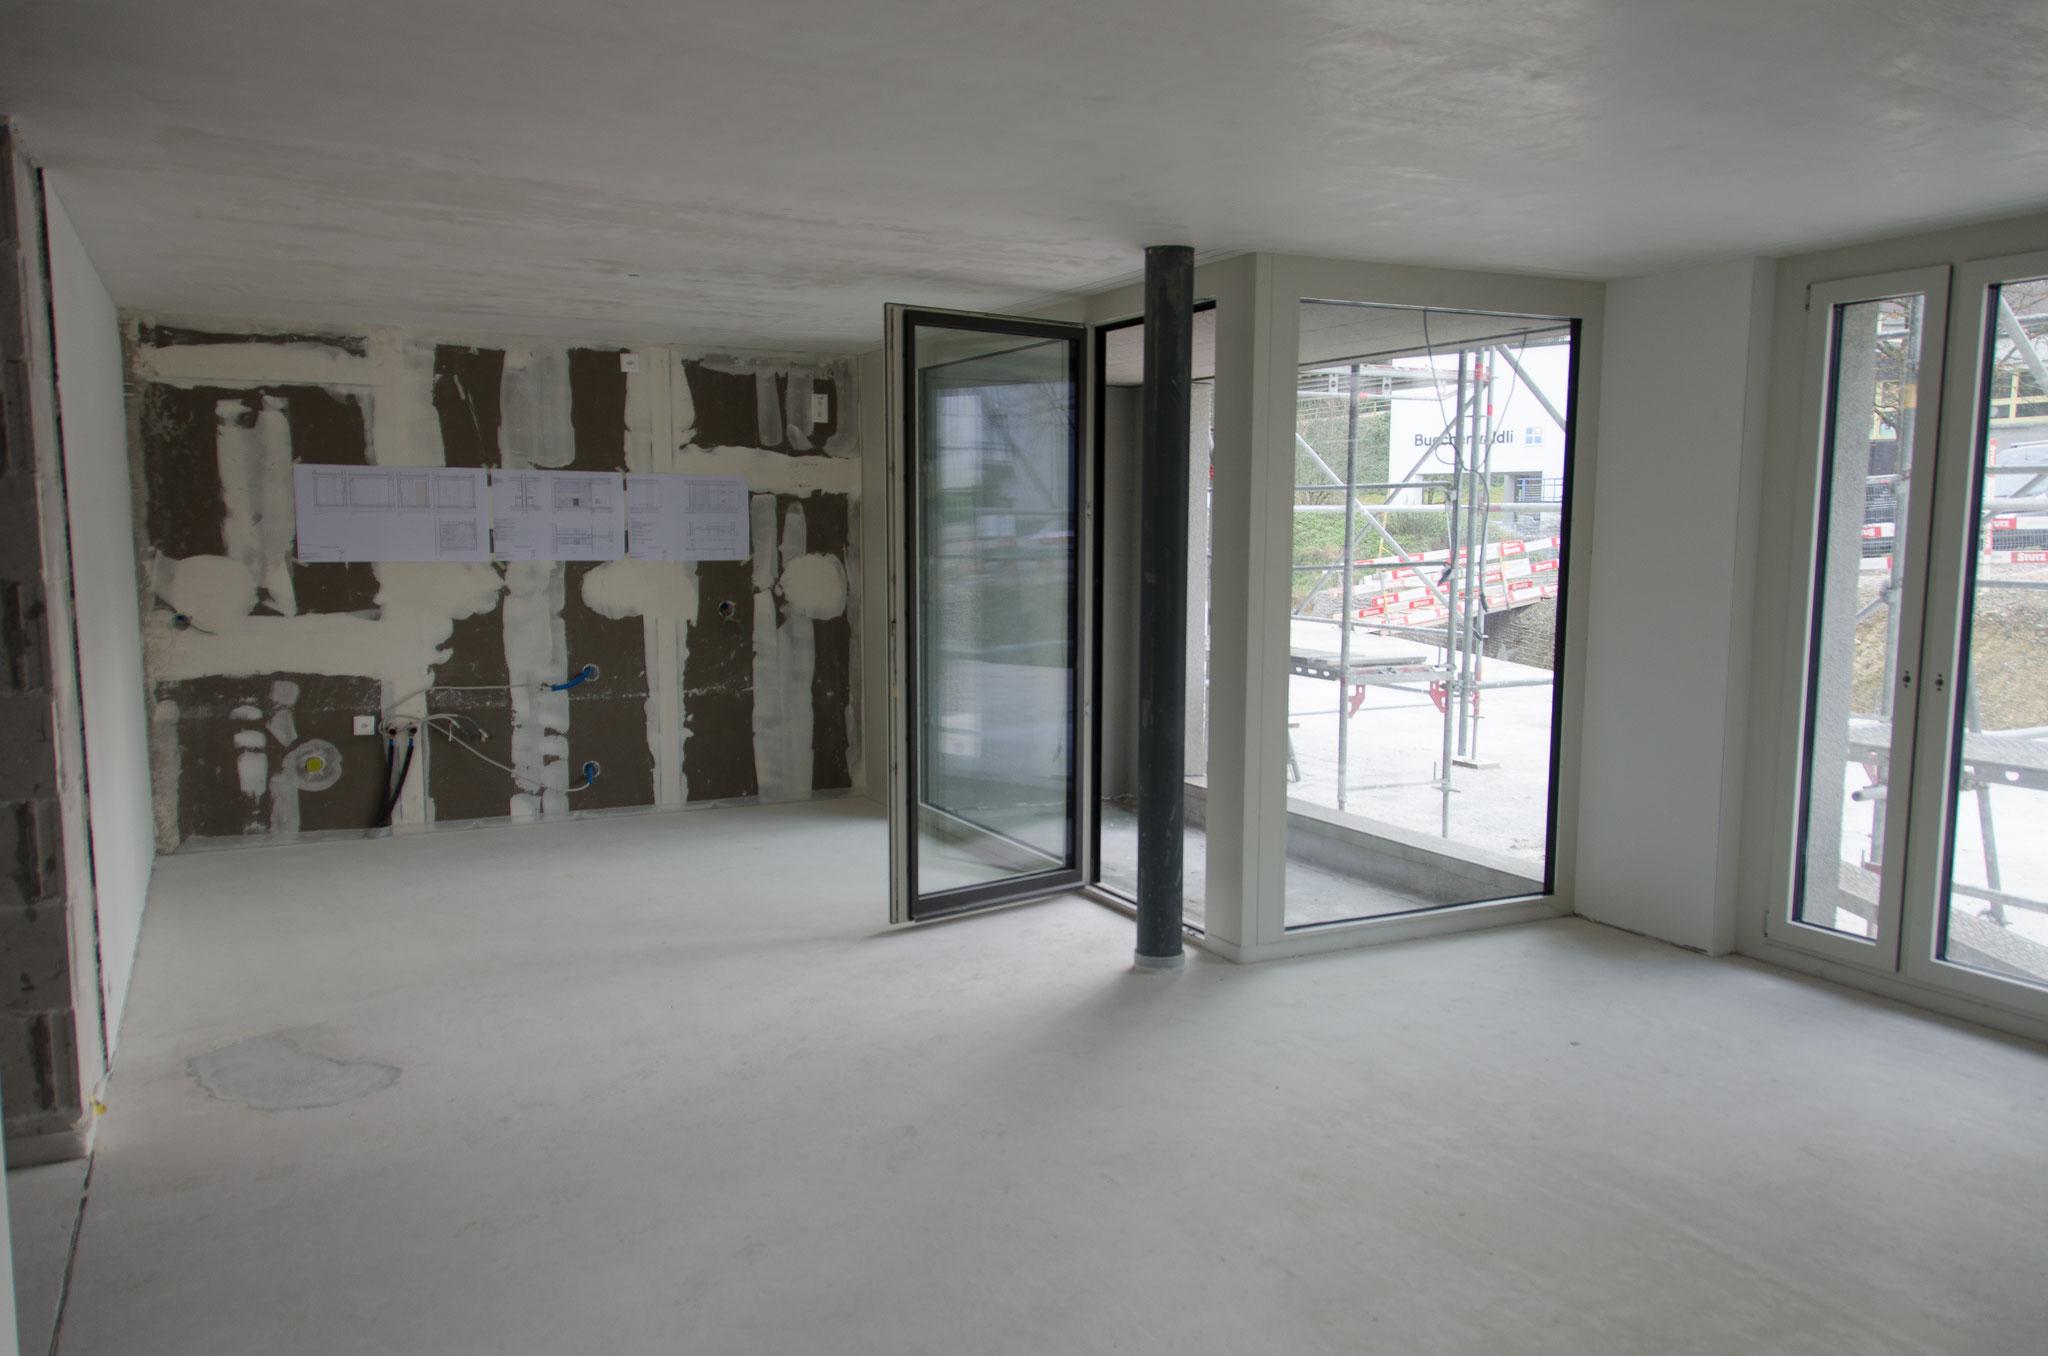 18. Dezember 2019: Die Arbeiten im Gebäude schreiten zügig voran, die weissen Decken und Wände geben ein gutes Raumgefühl...